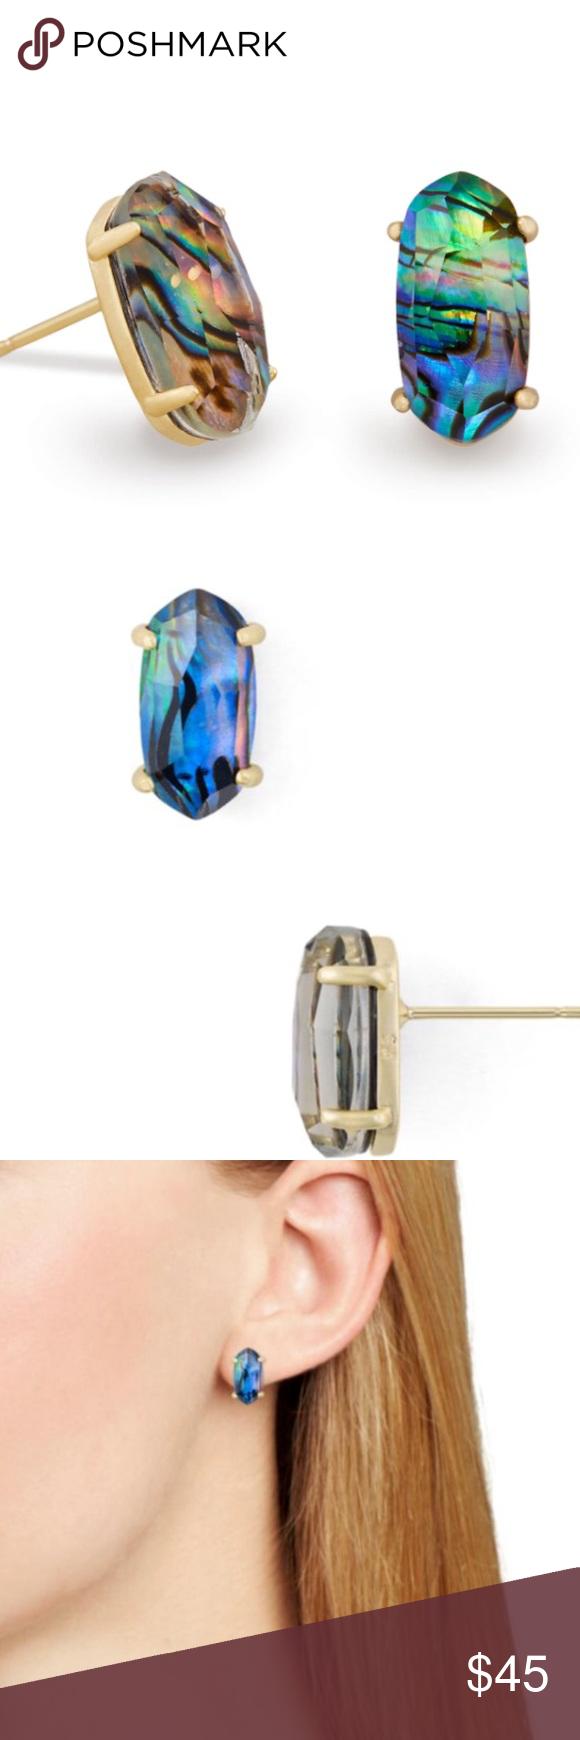 Kendra Scott Betty Stud Earrings in Abalone Shell w Dust Bag